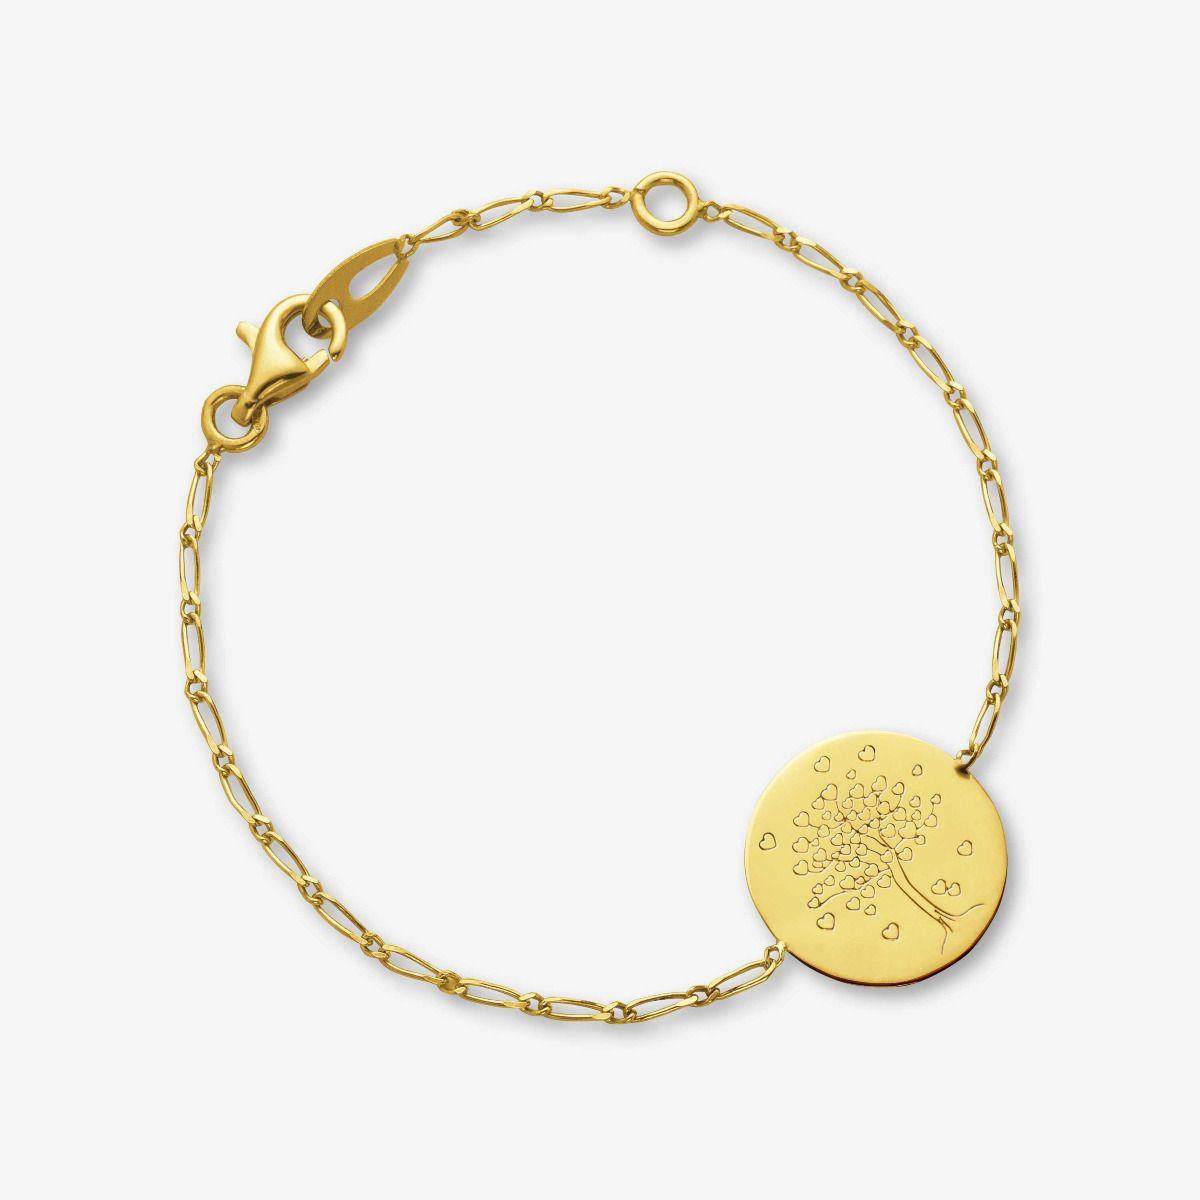 Bracelet médaille arbre aux cœurs en Or jaune 18 carats - 14 cm